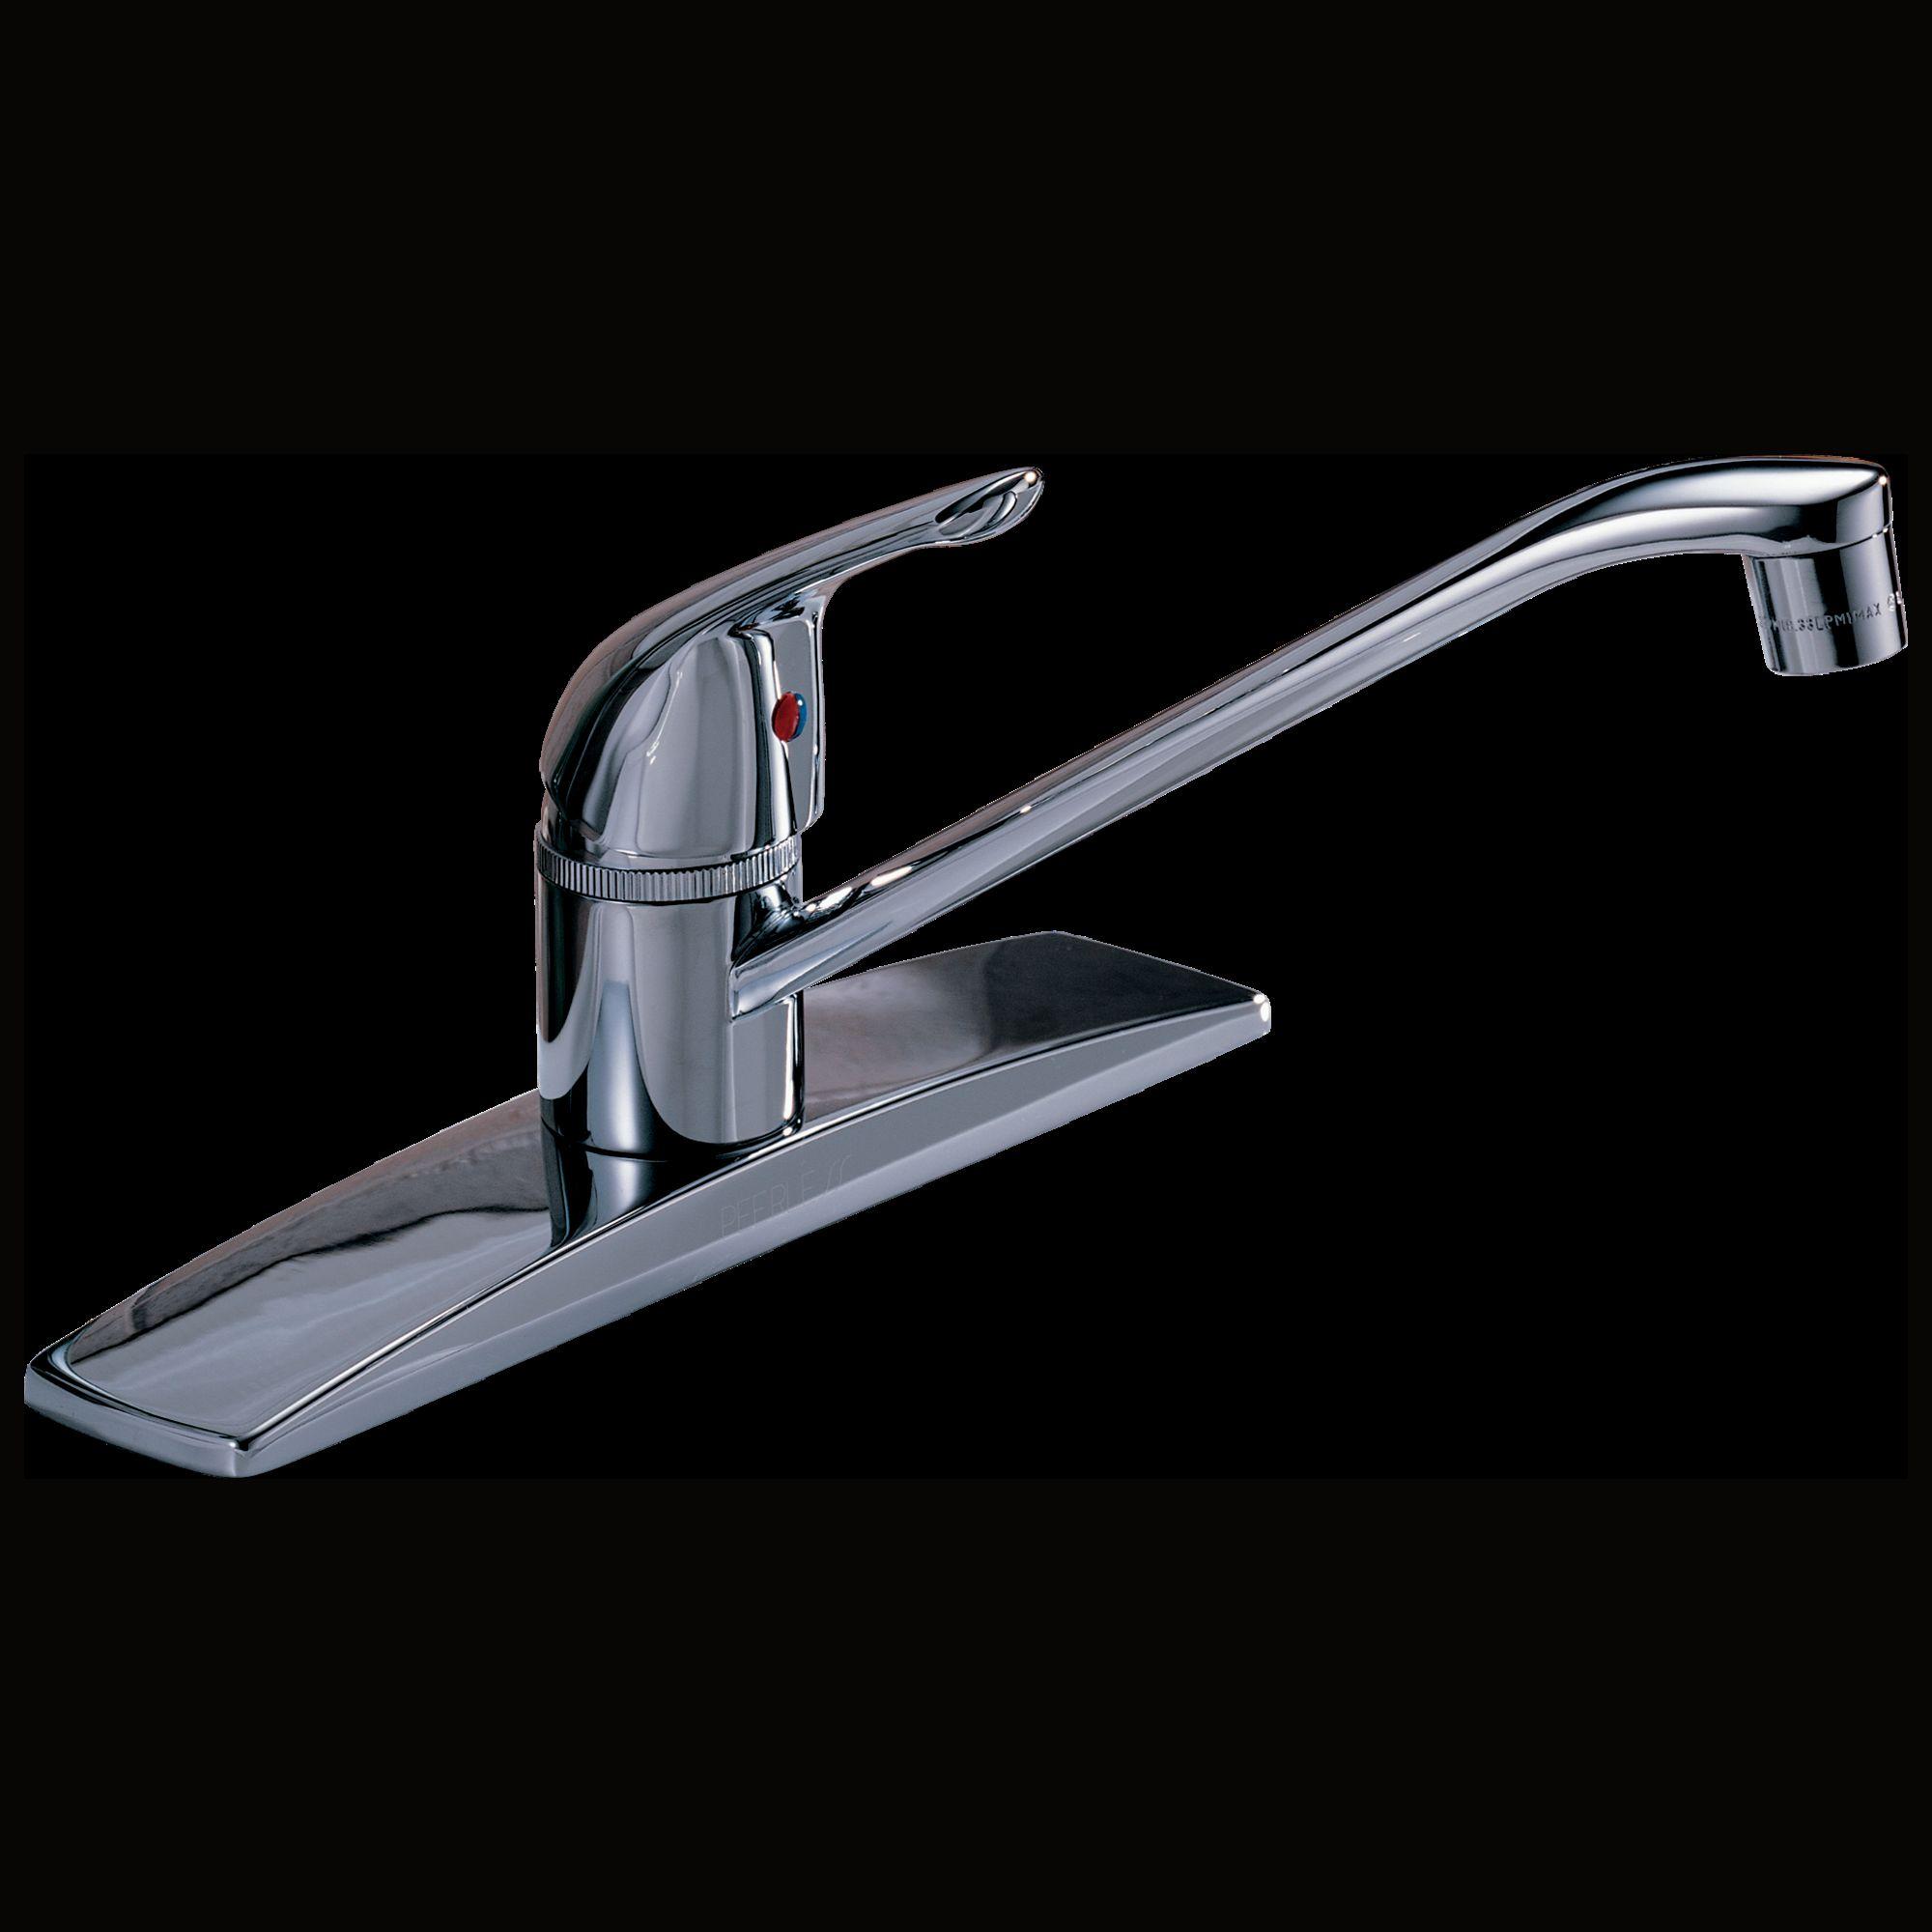 Luxury Peerless Bathroom Faucet Repair Wallpaper - Bathroom Design ...